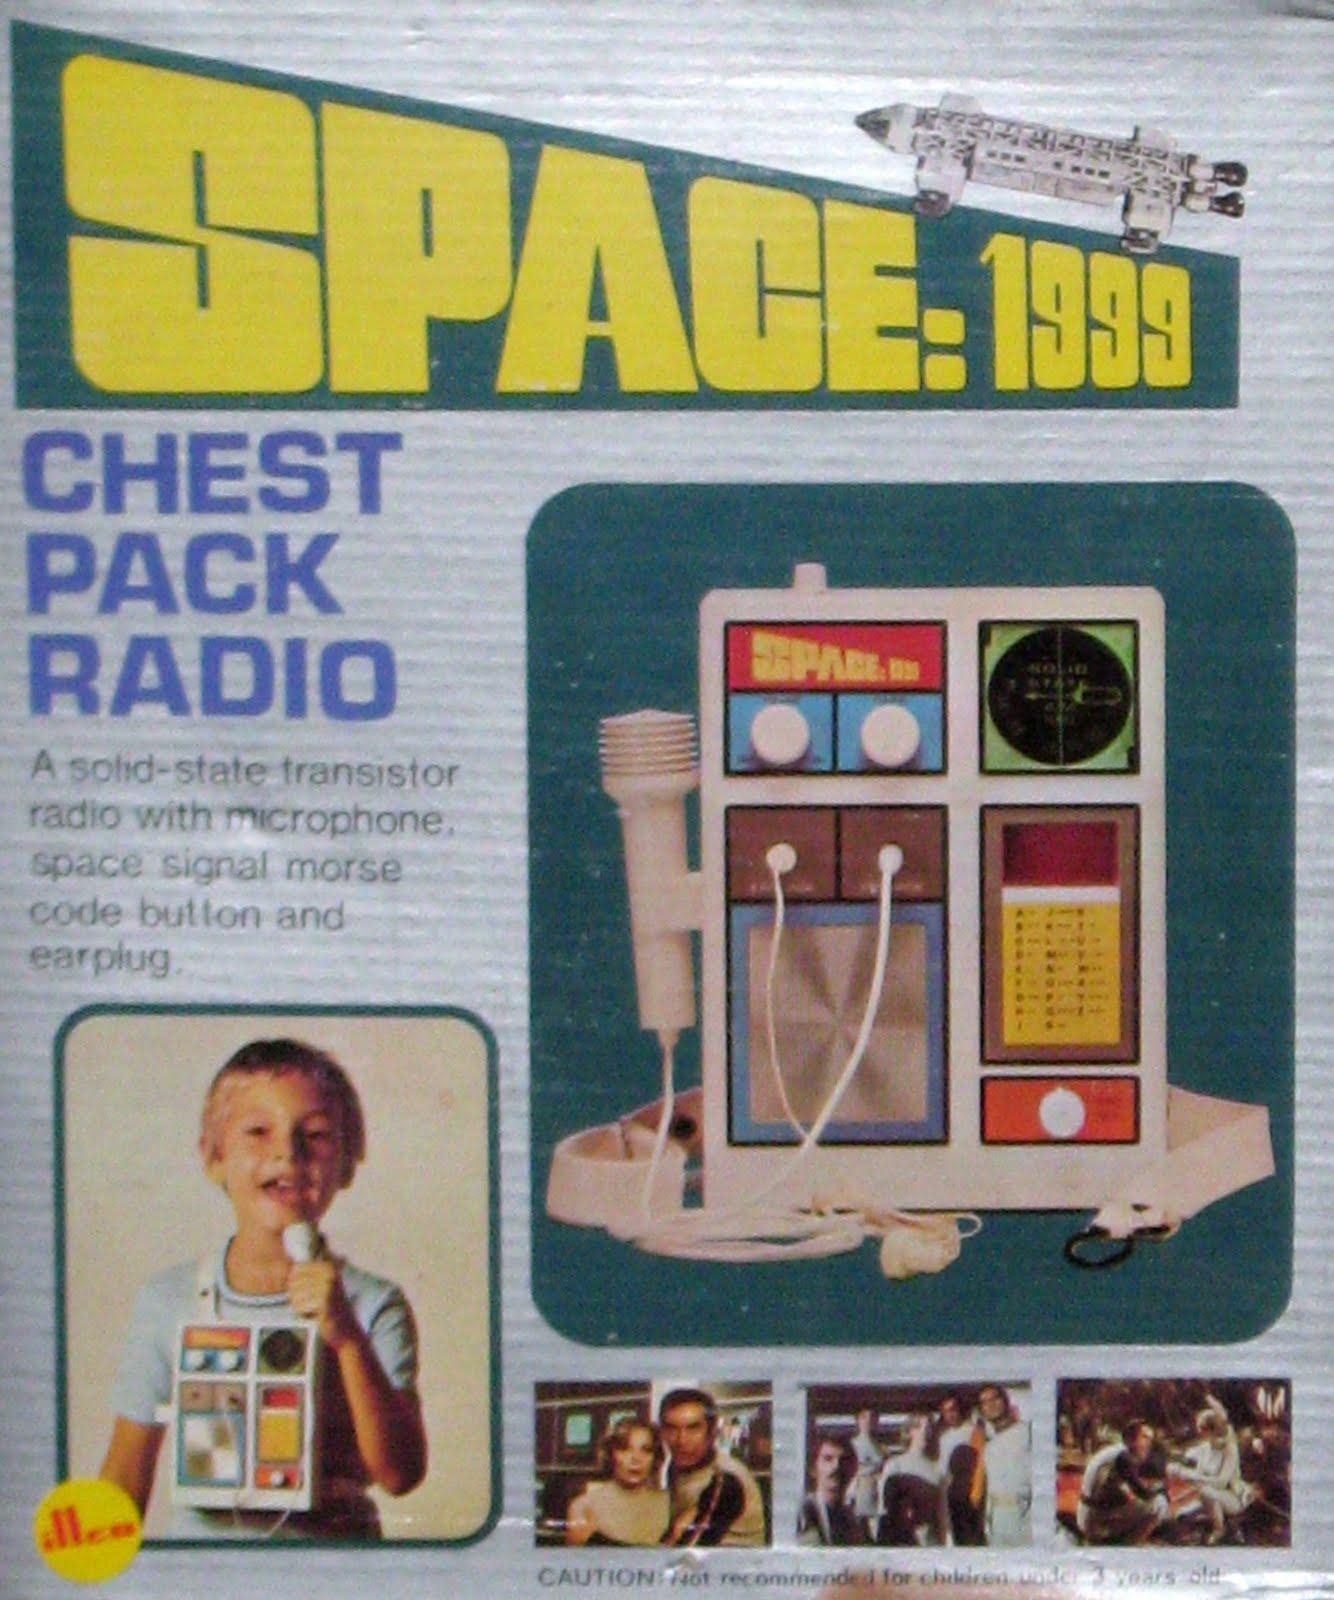 space1999chestpack003.jpg